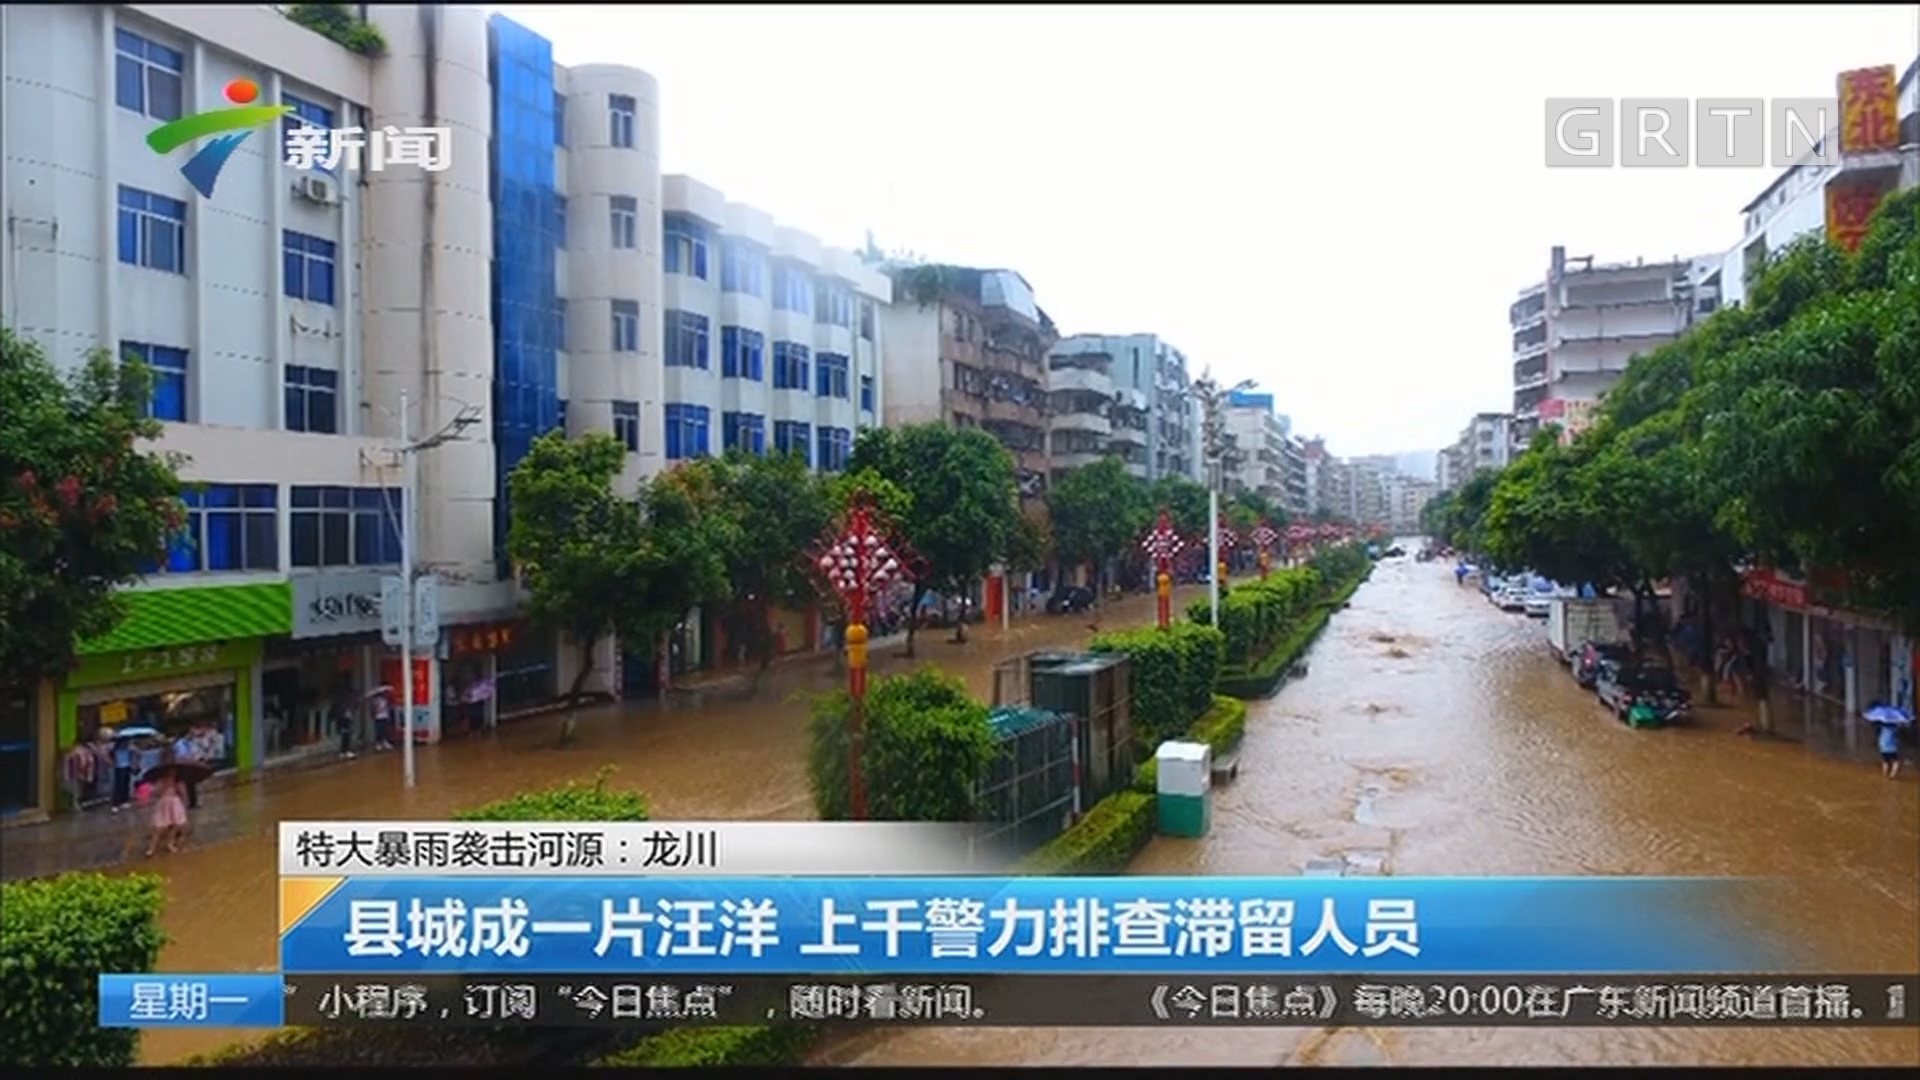 特大暴雨袭击河源:龙川 县城成一片汪洋 上千警力排查滞留人员